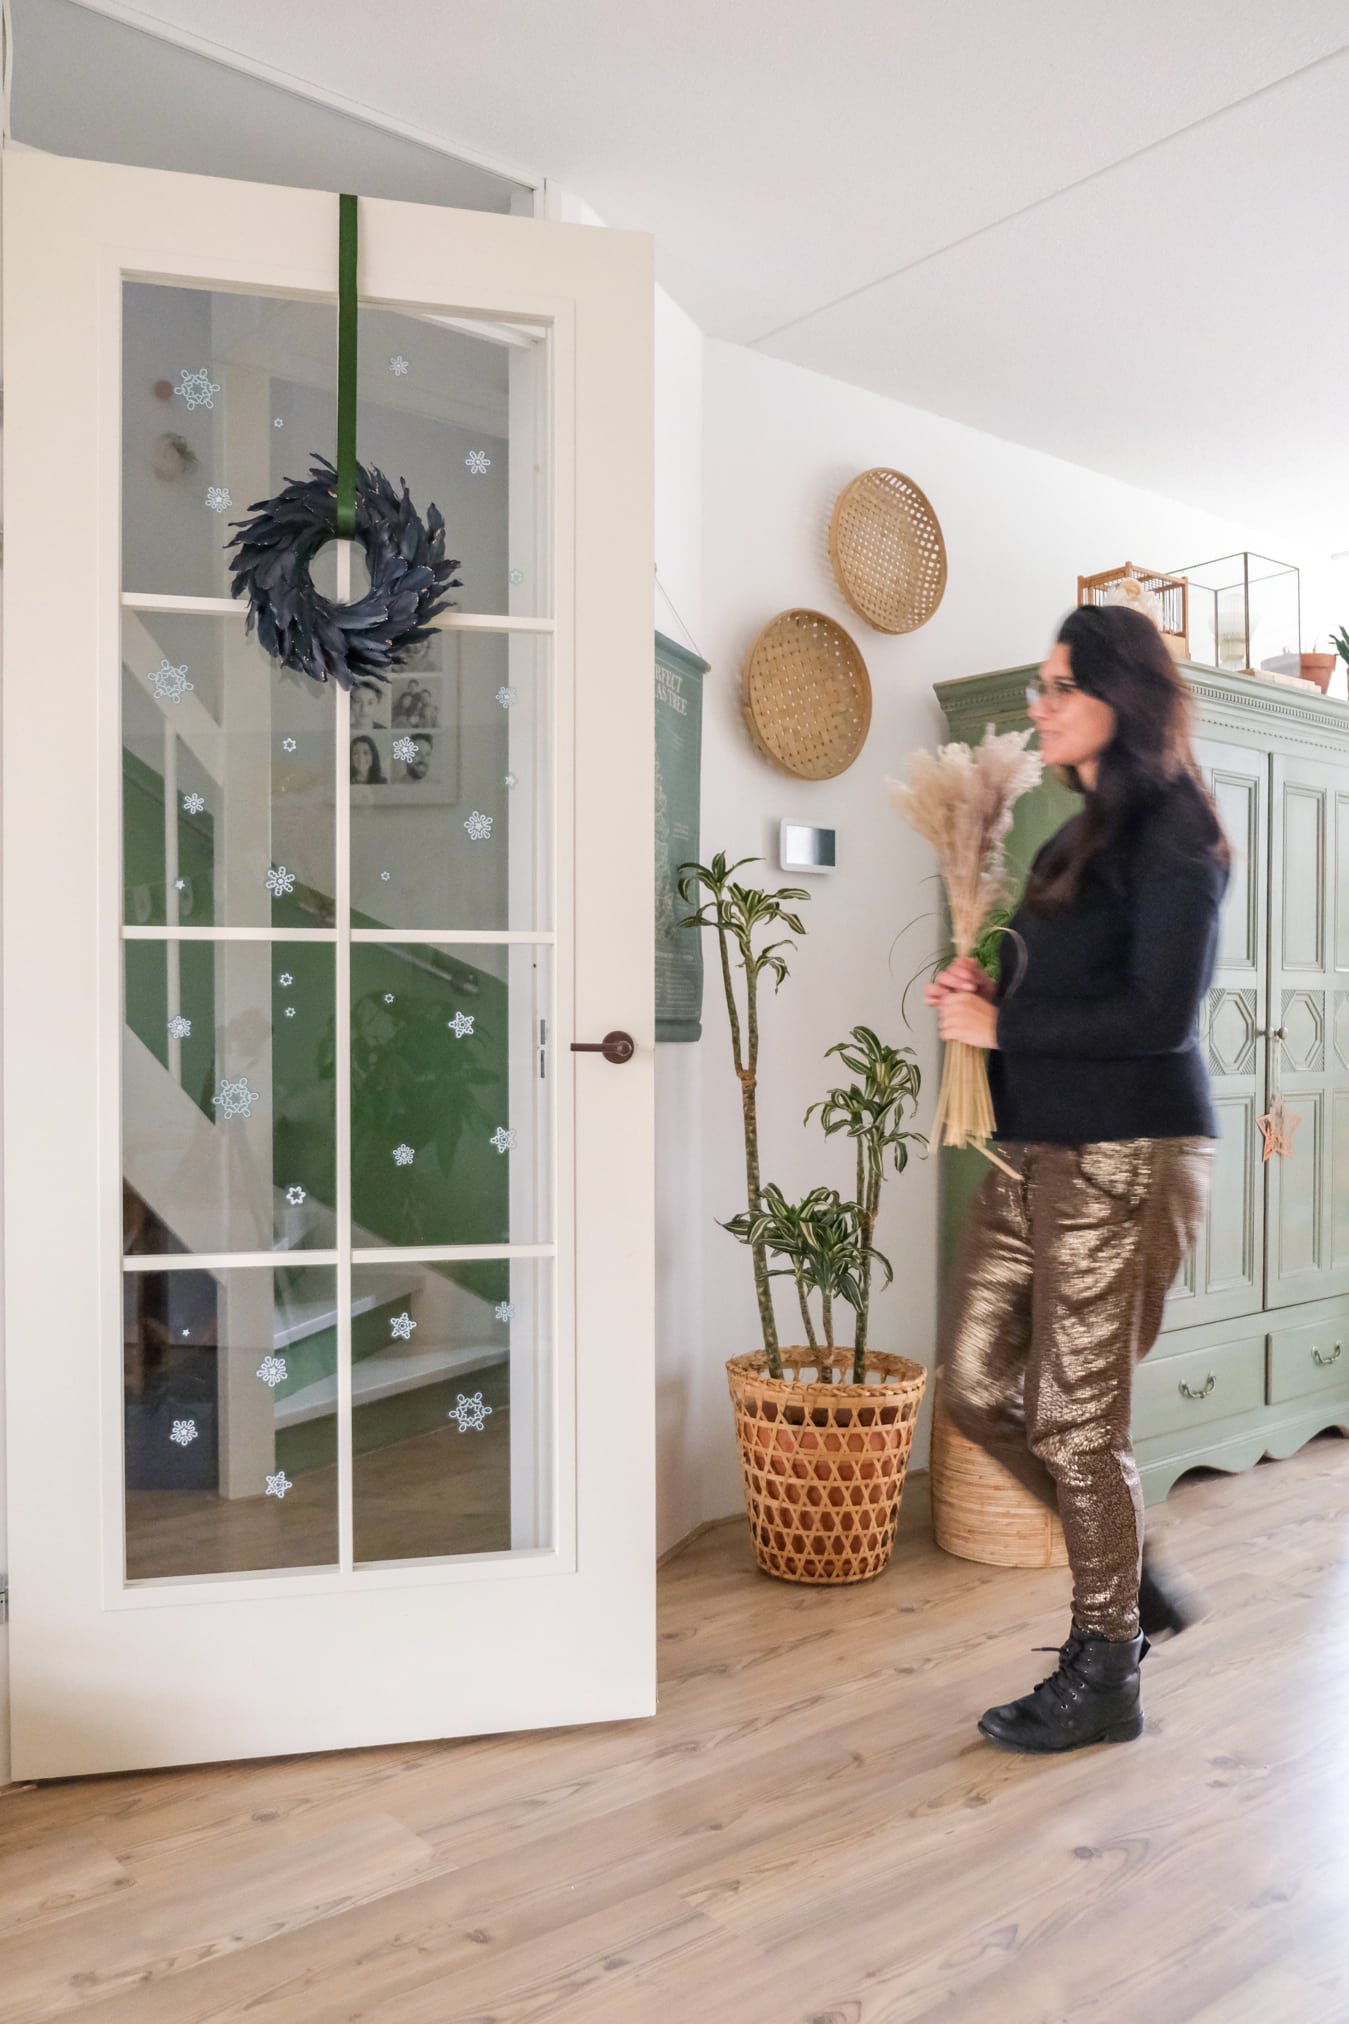 binnendeur versieren kerstmis